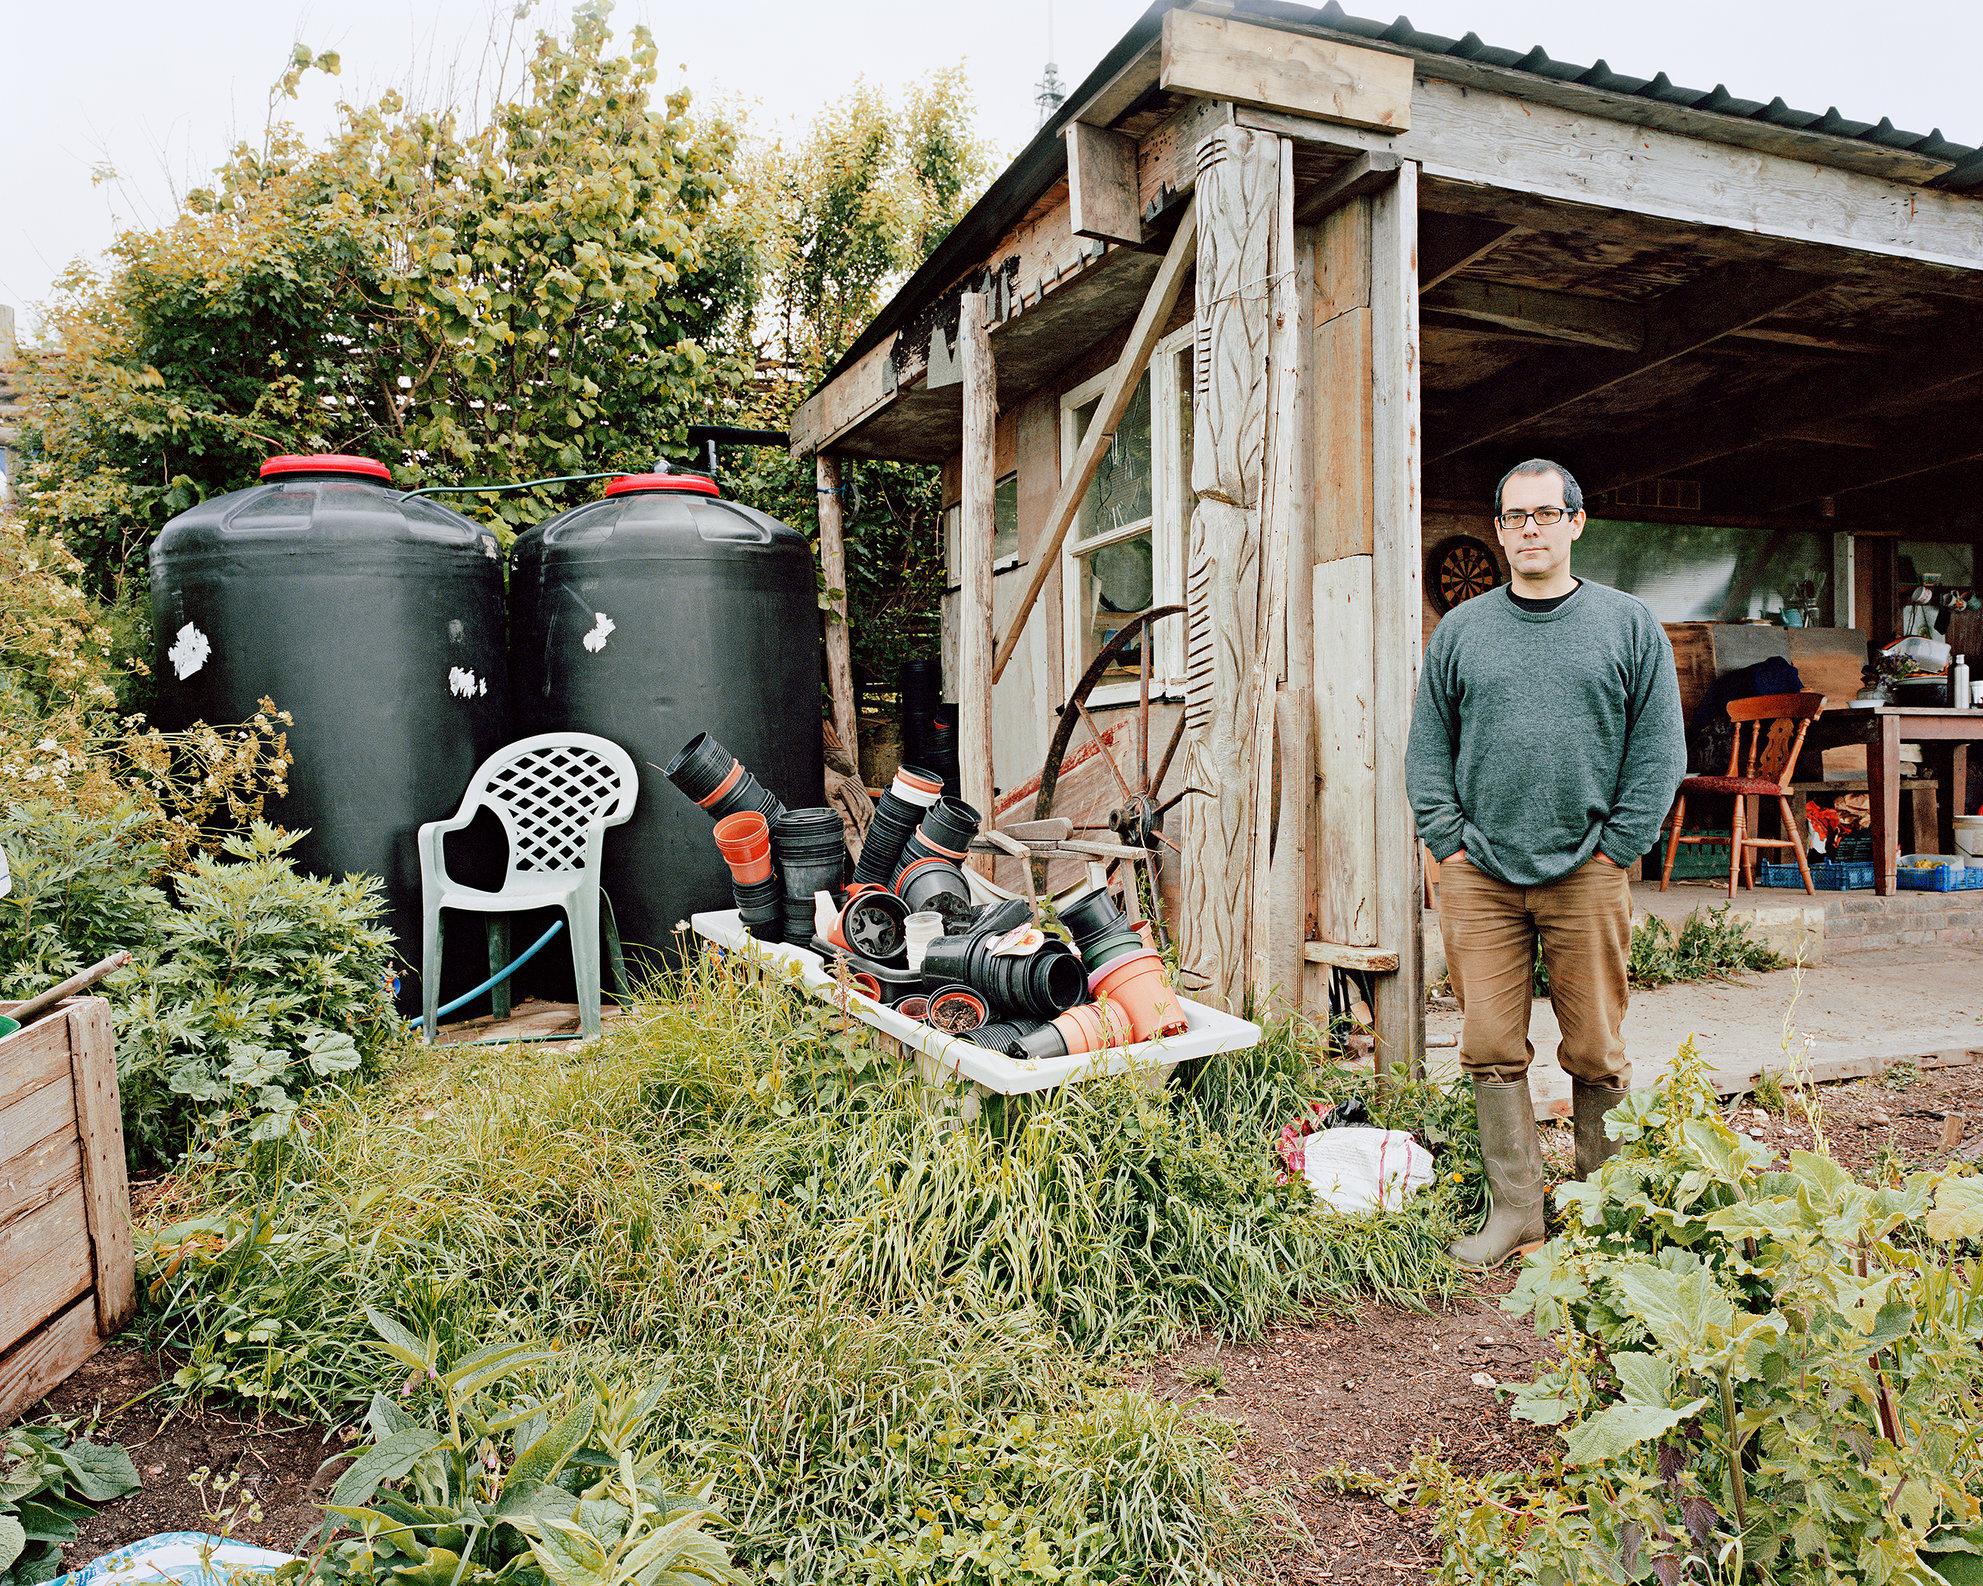 John Fryer, Whitehawk Community Food Project